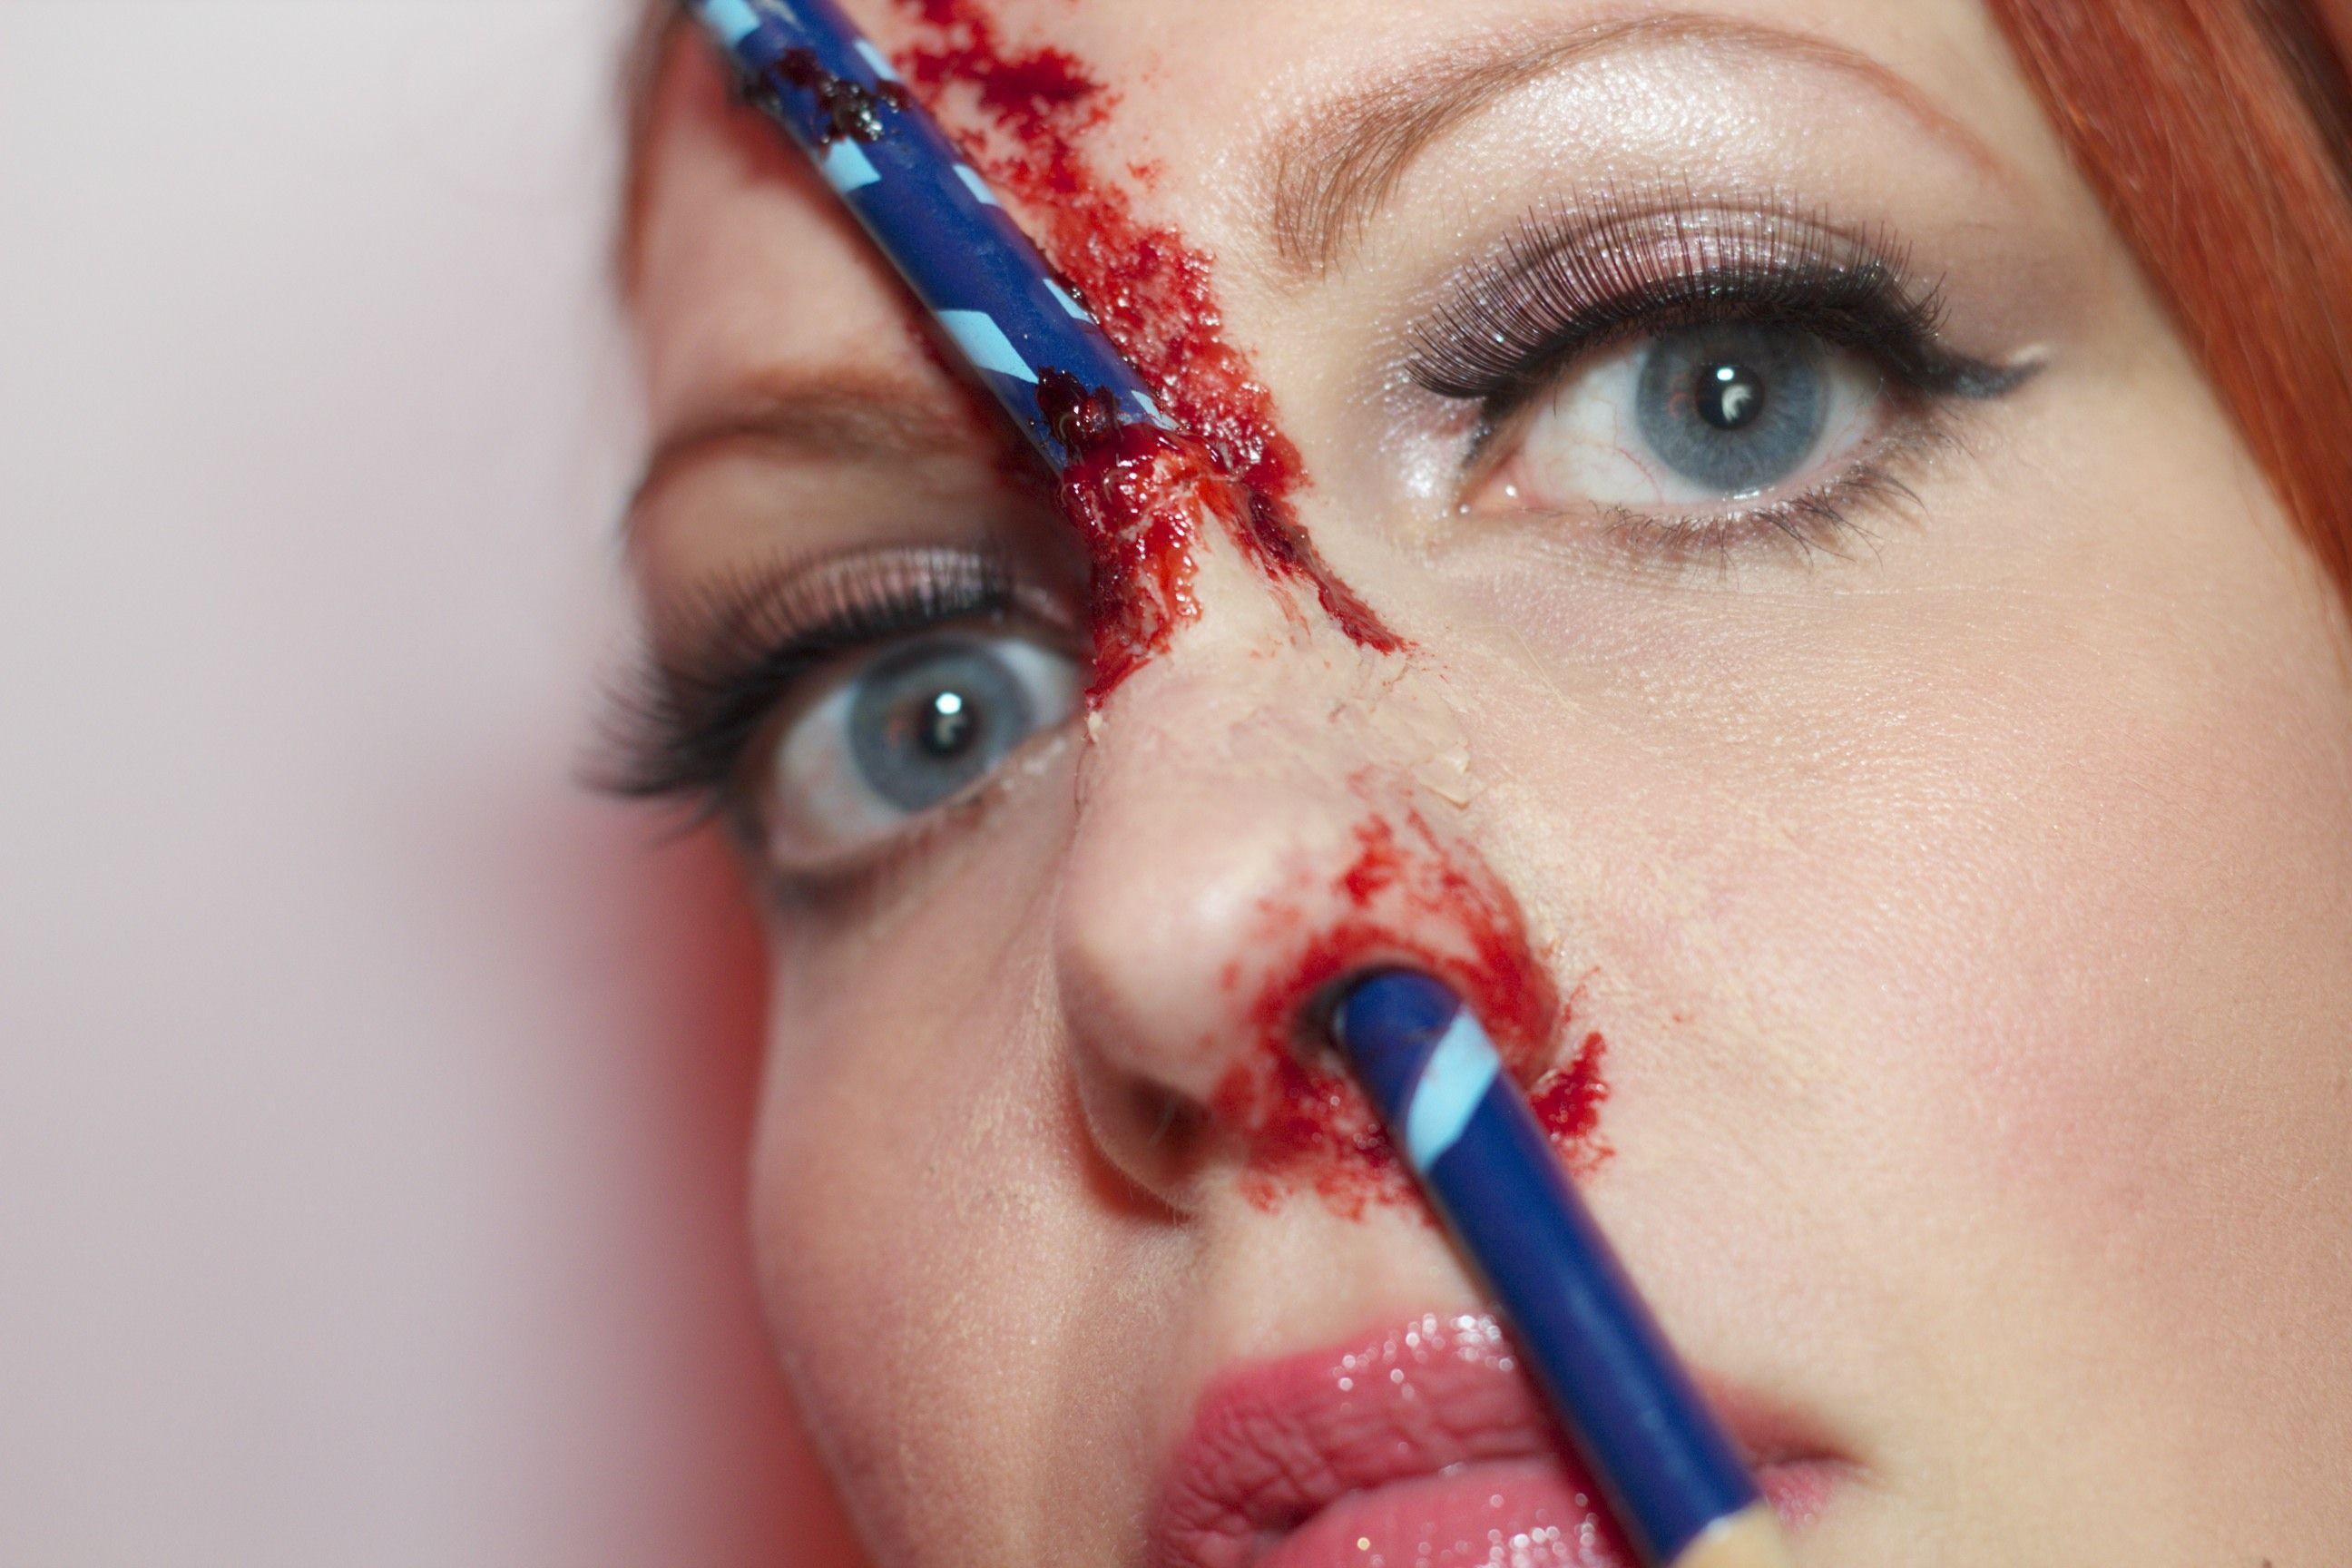 sfx spfx specialfx specialeffectsmakeup specialfxmakeup specialeffects makeup halloween halloweenmakeup bloody blood gore pencil schoolgirl i - Halloween Makeup Wax